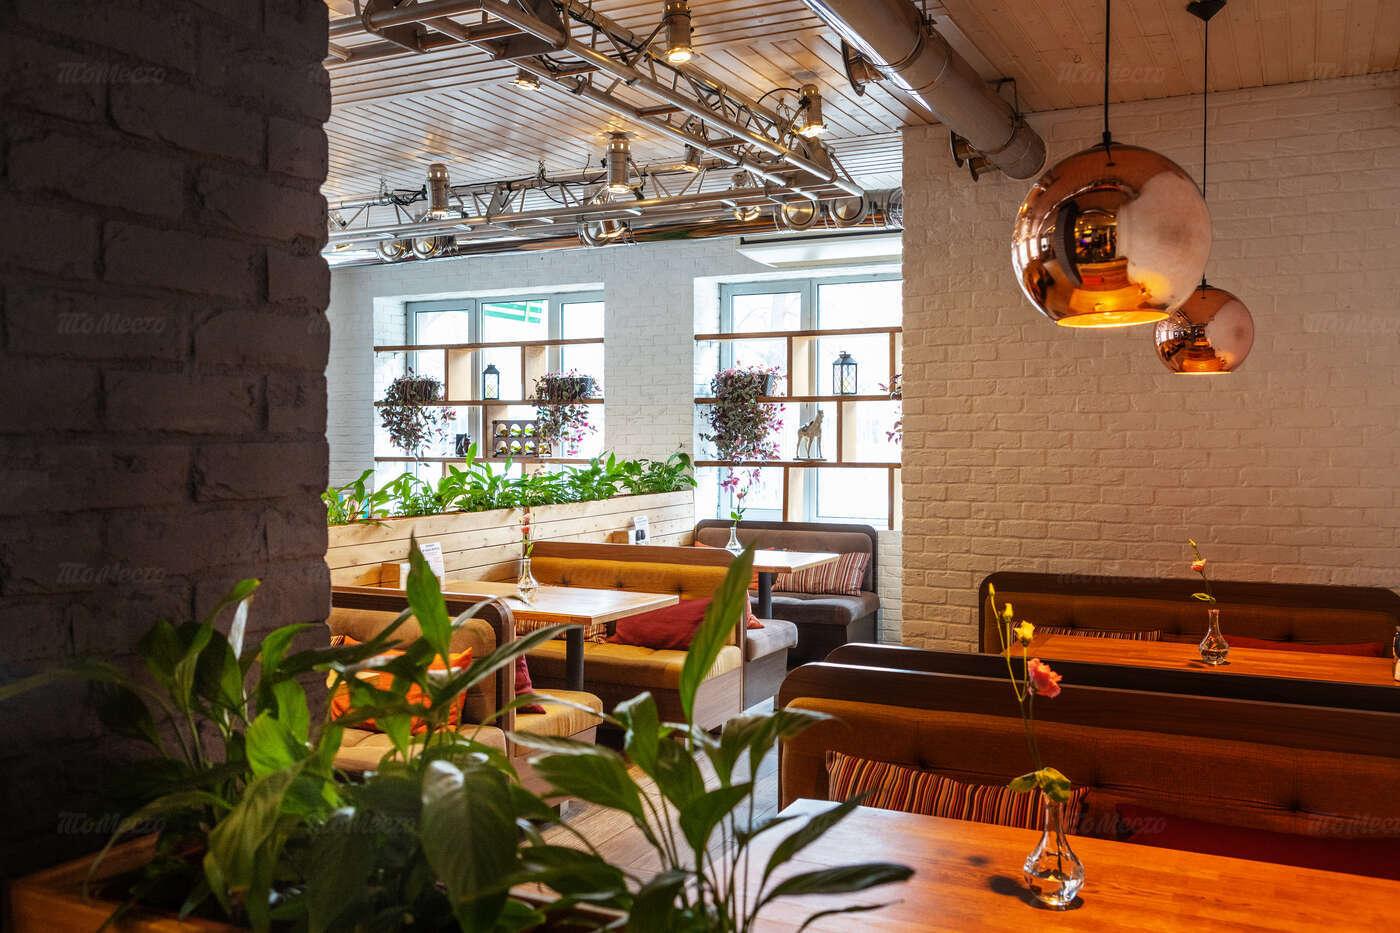 Банкеты ресторана Нью-Йорк пицца и гриль на Суворовской улице фото 4